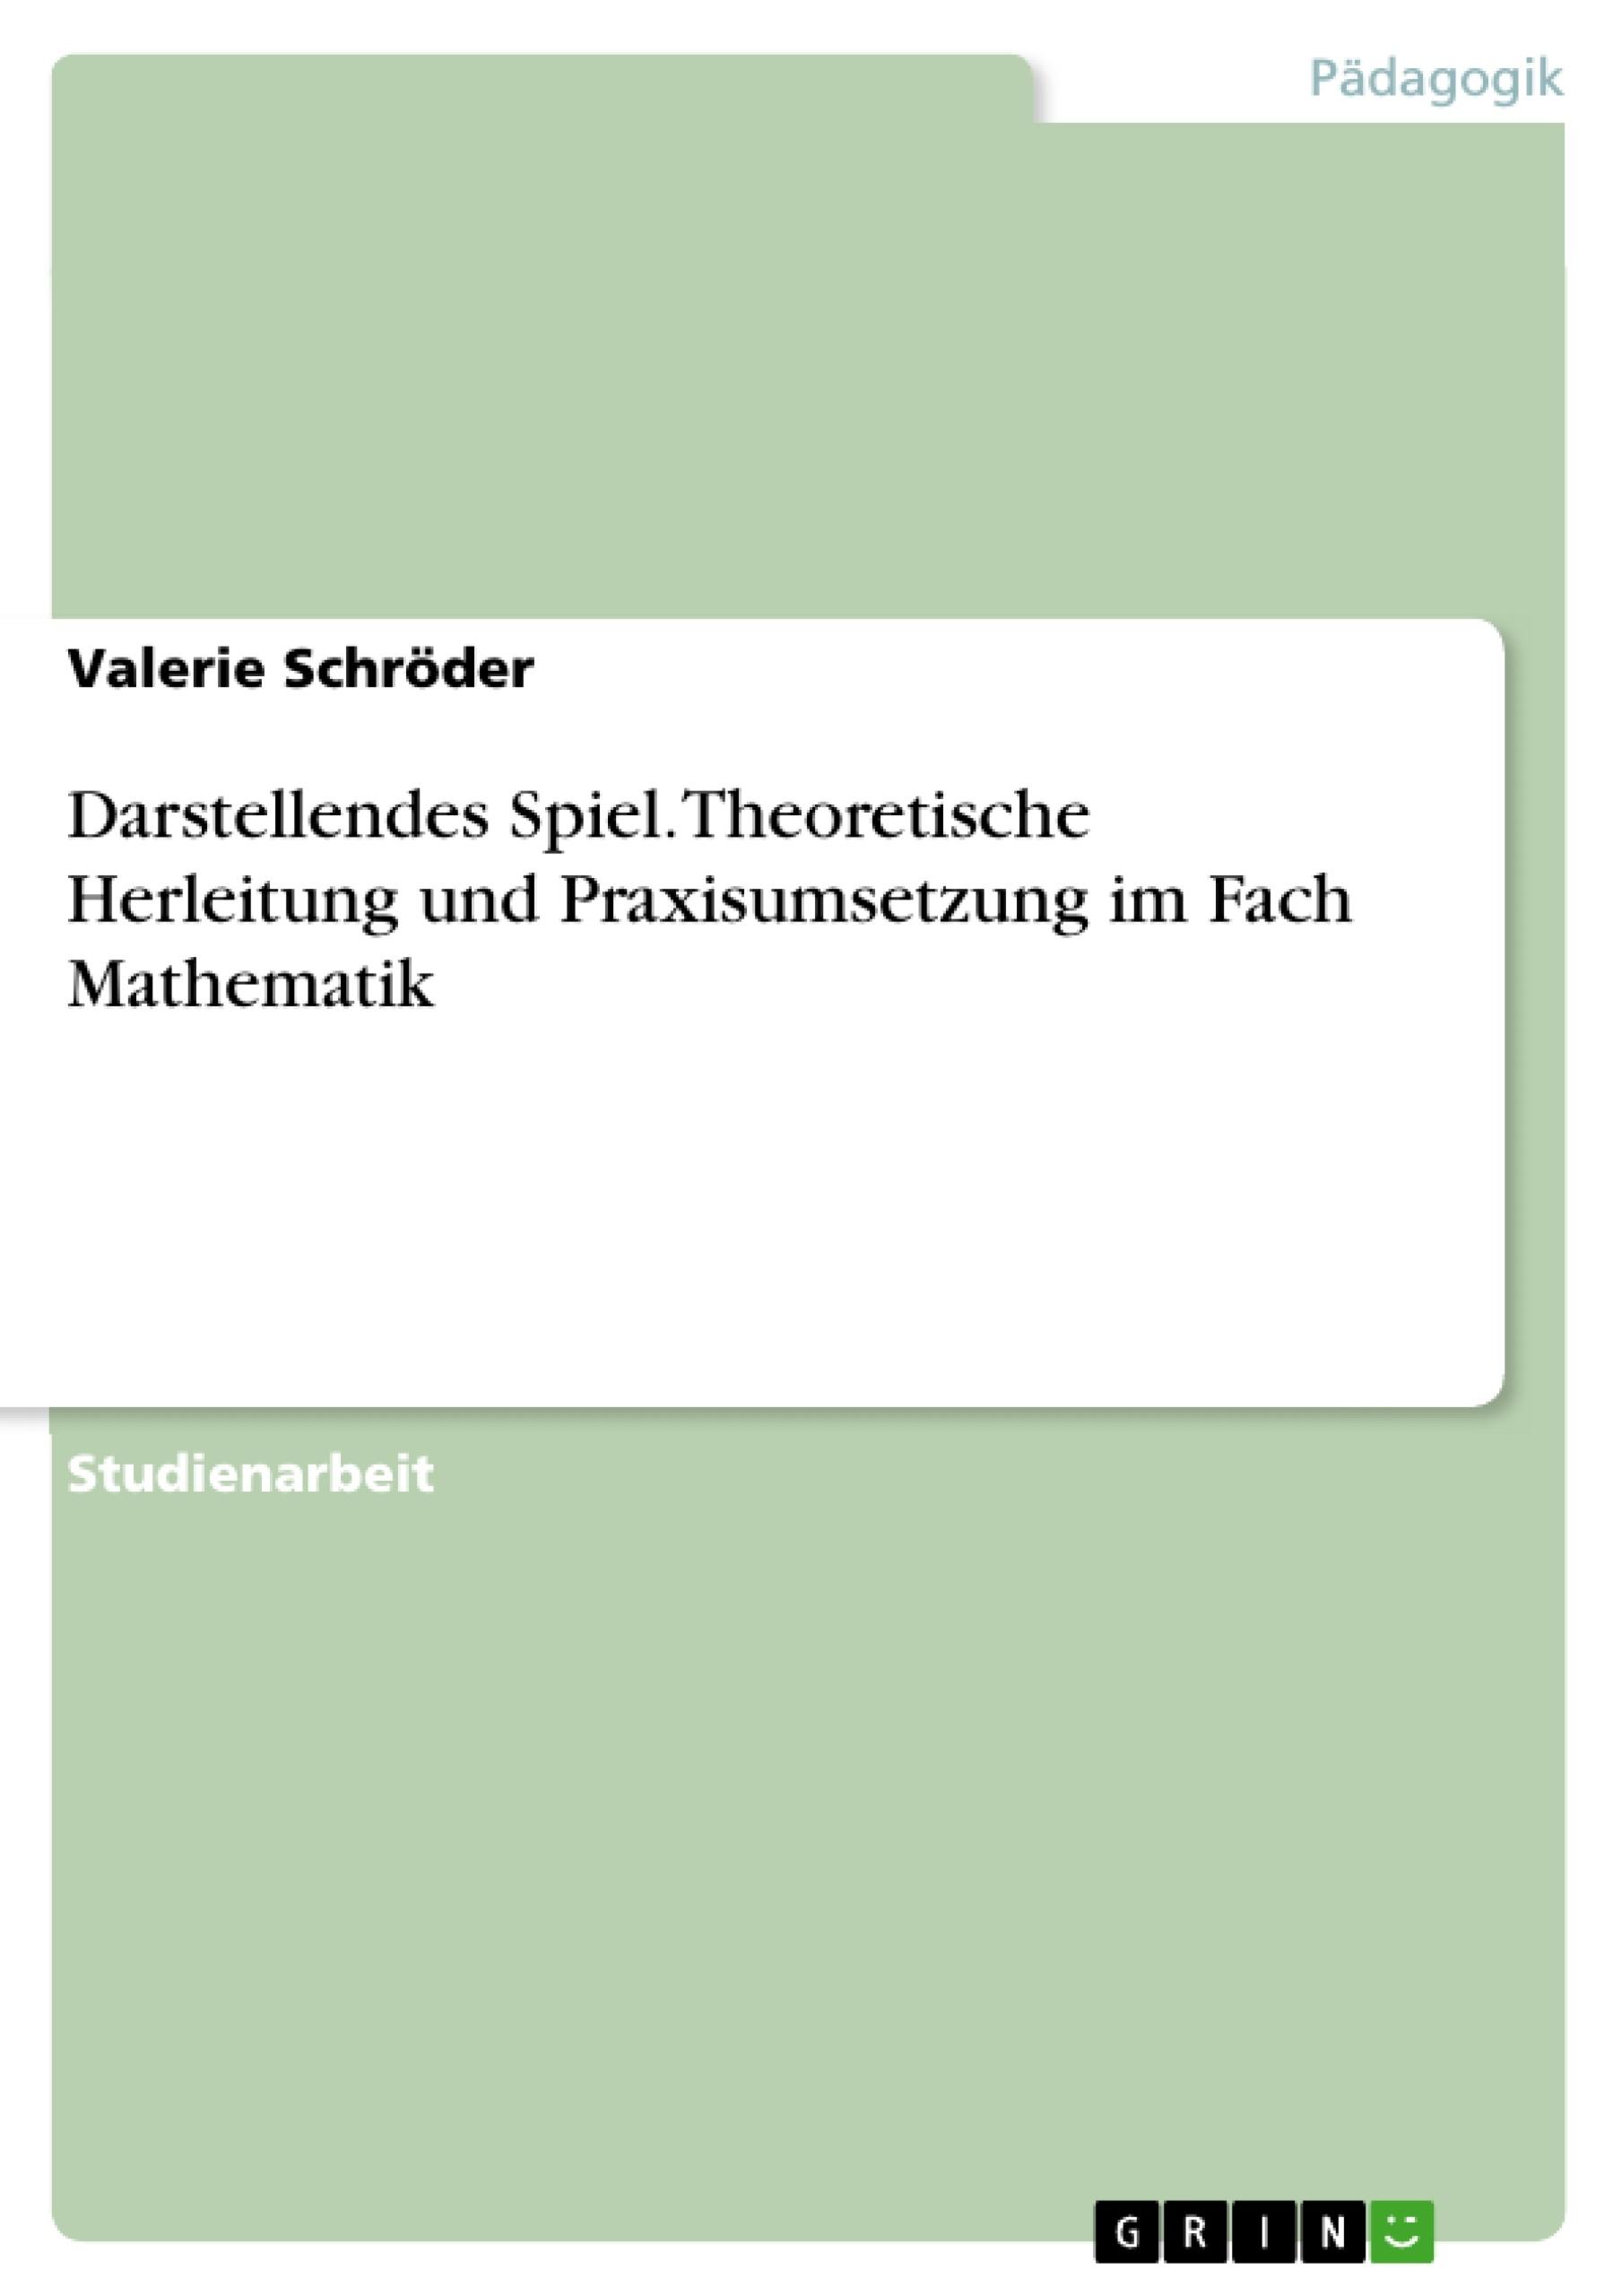 Titel: Darstellendes Spiel. Theoretische Herleitung und Praxisumsetzung im Fach Mathematik